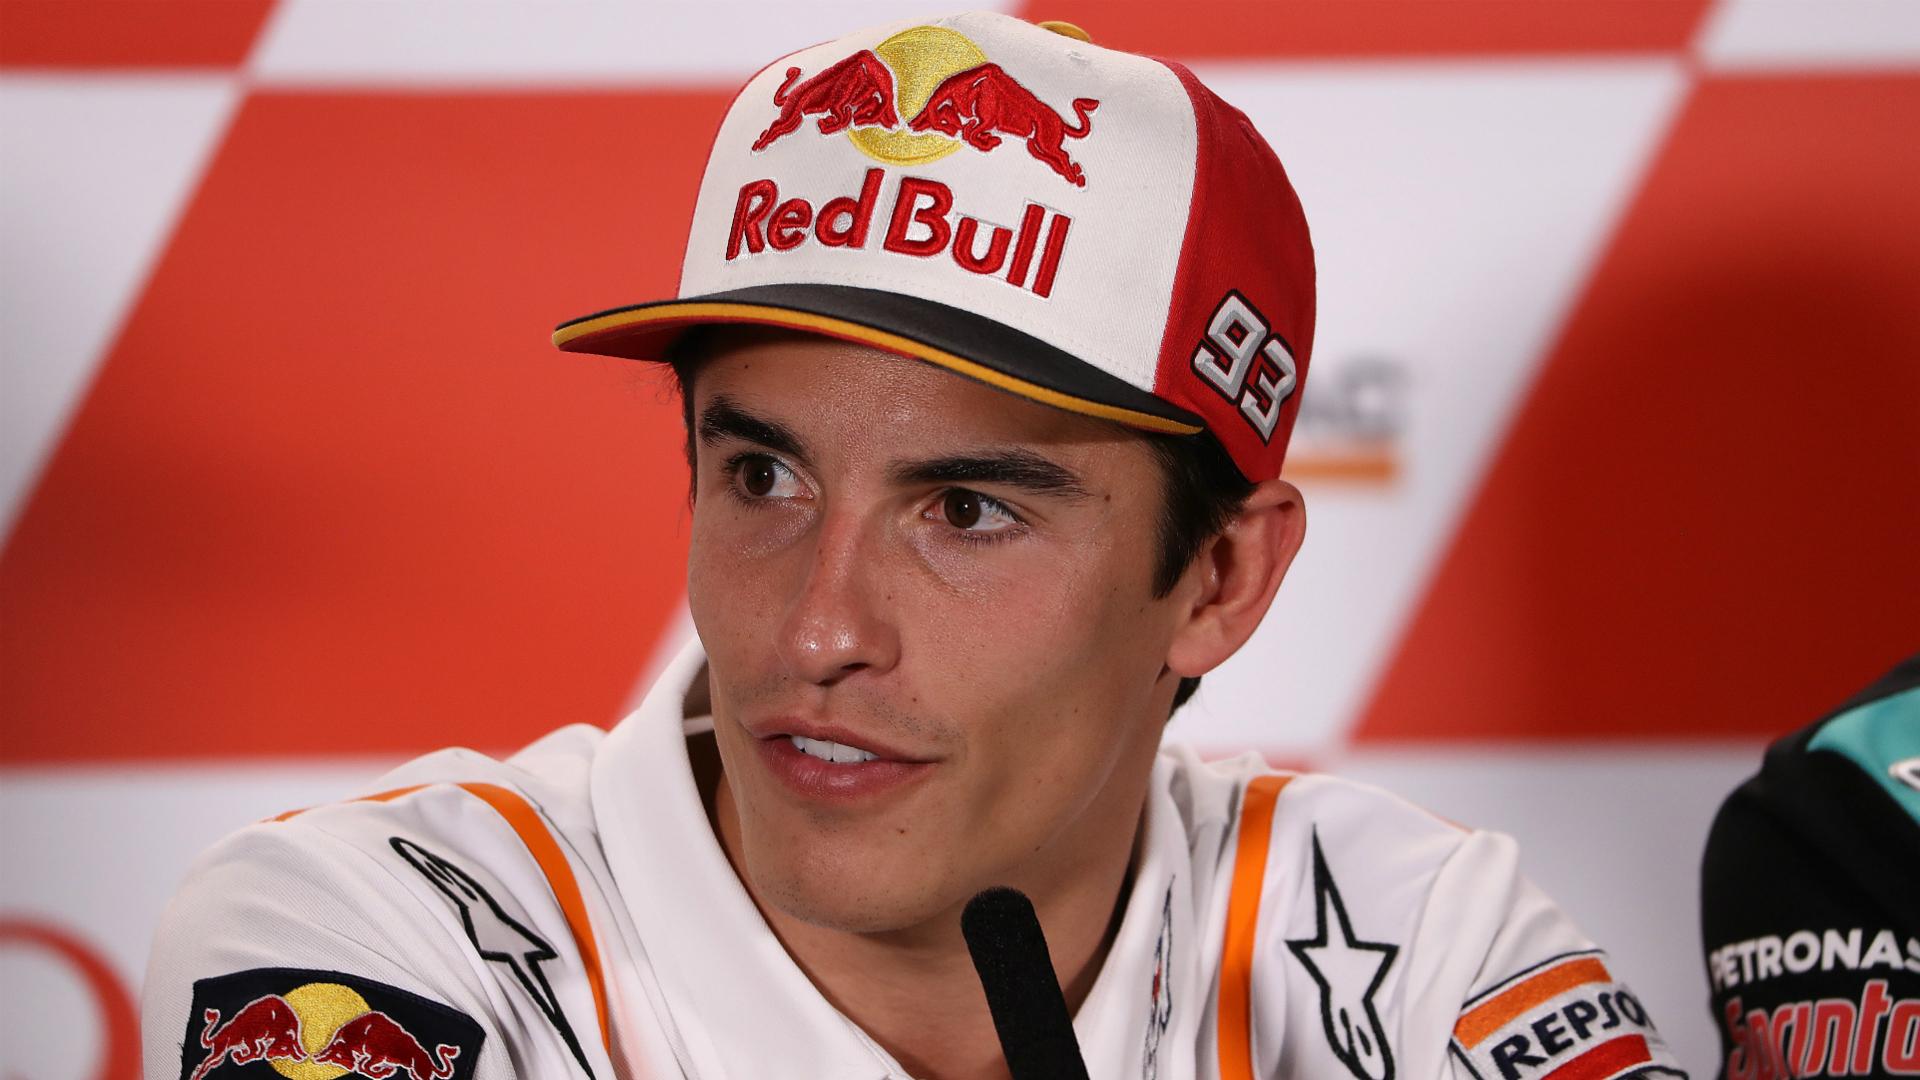 MotoGP world champion Marc Marquez to have shoulder surgery